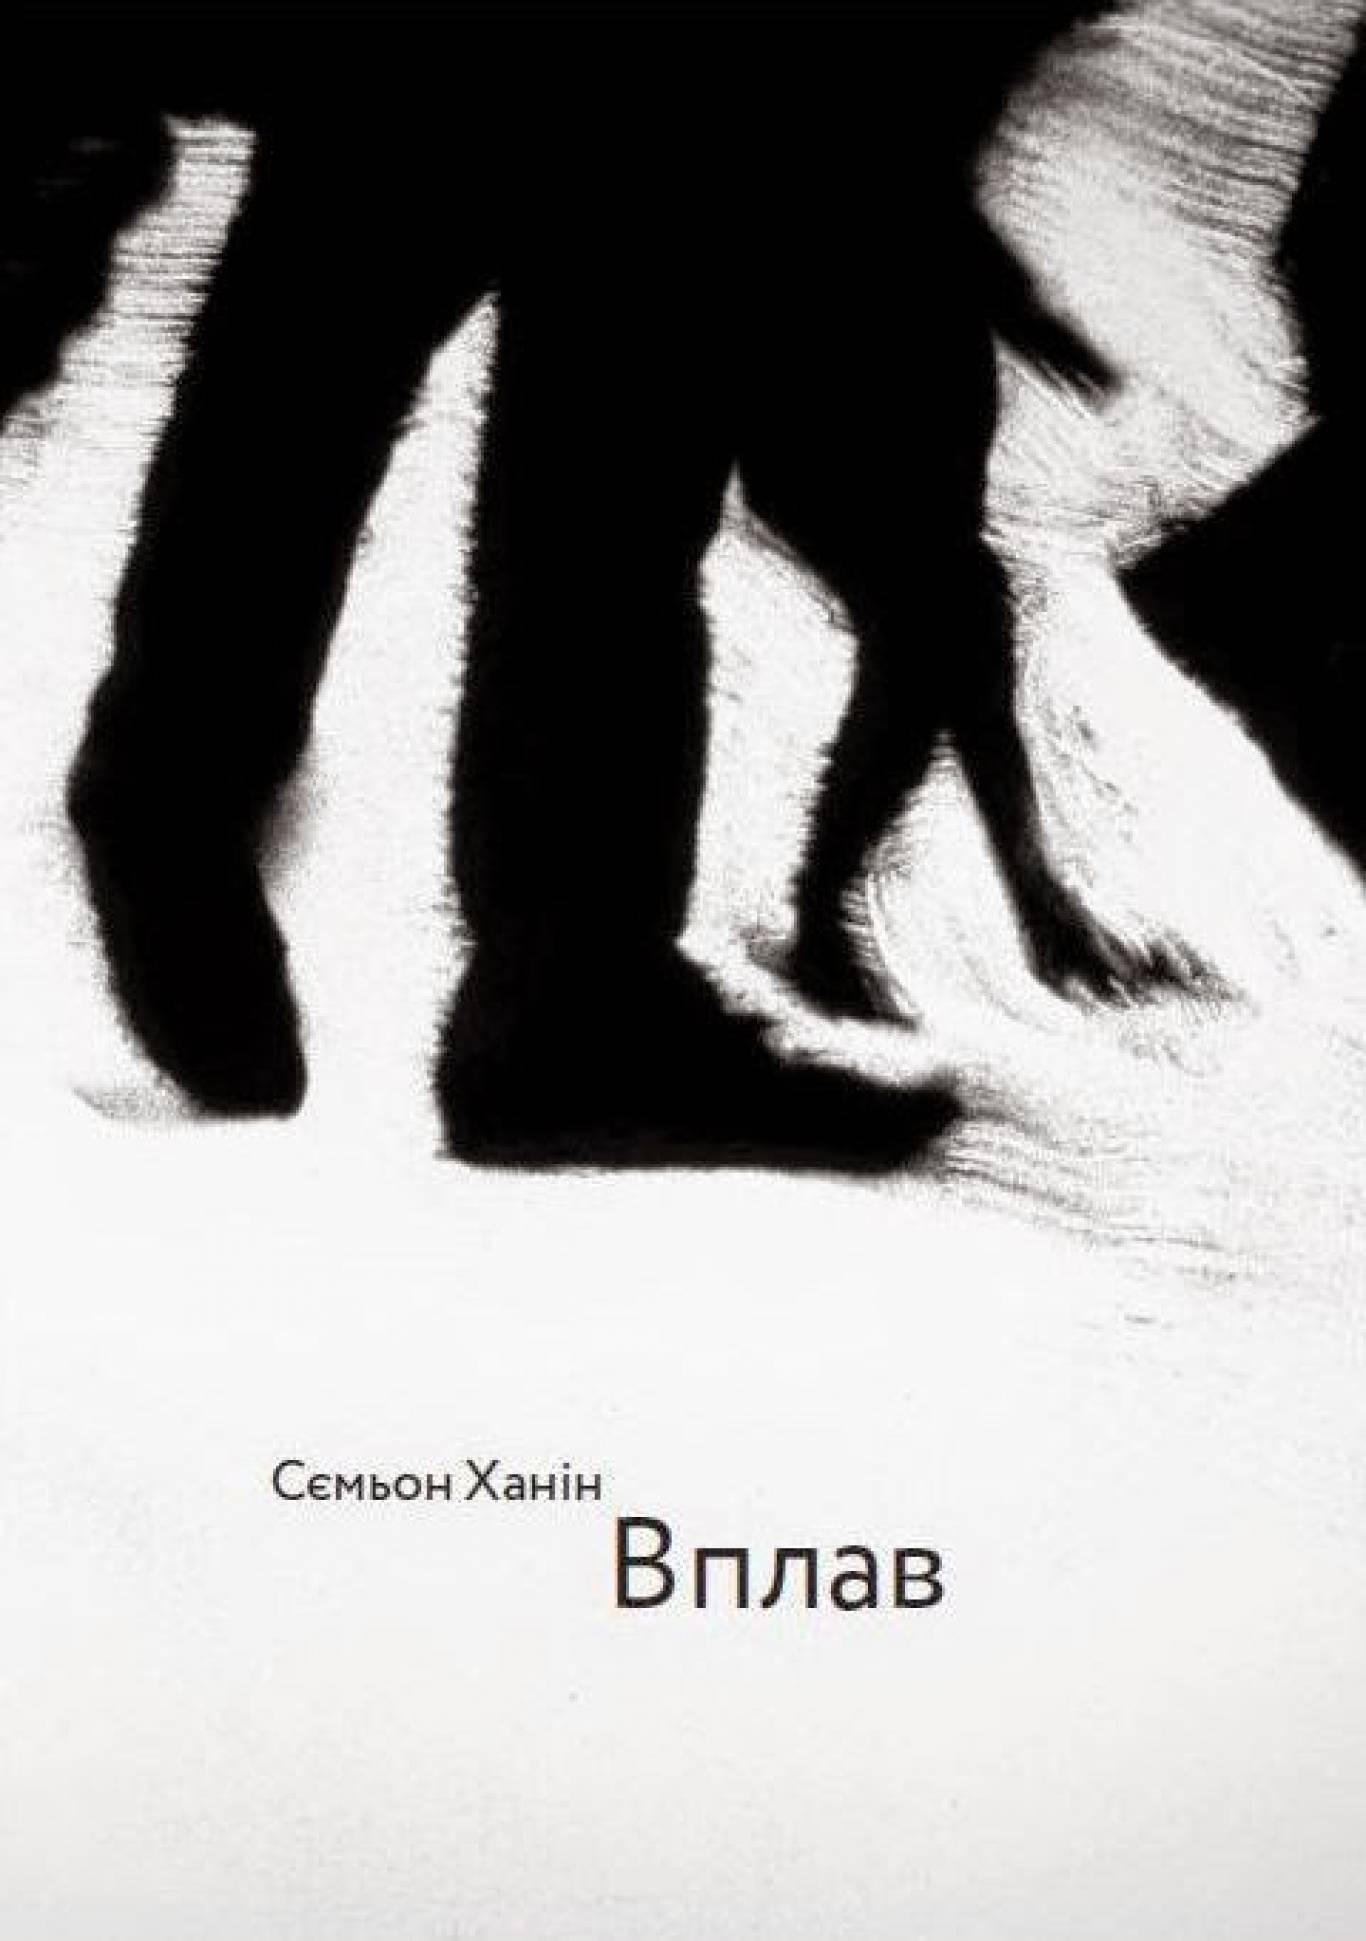 Пре-презентація поетичної збірки Сємона Ханіна